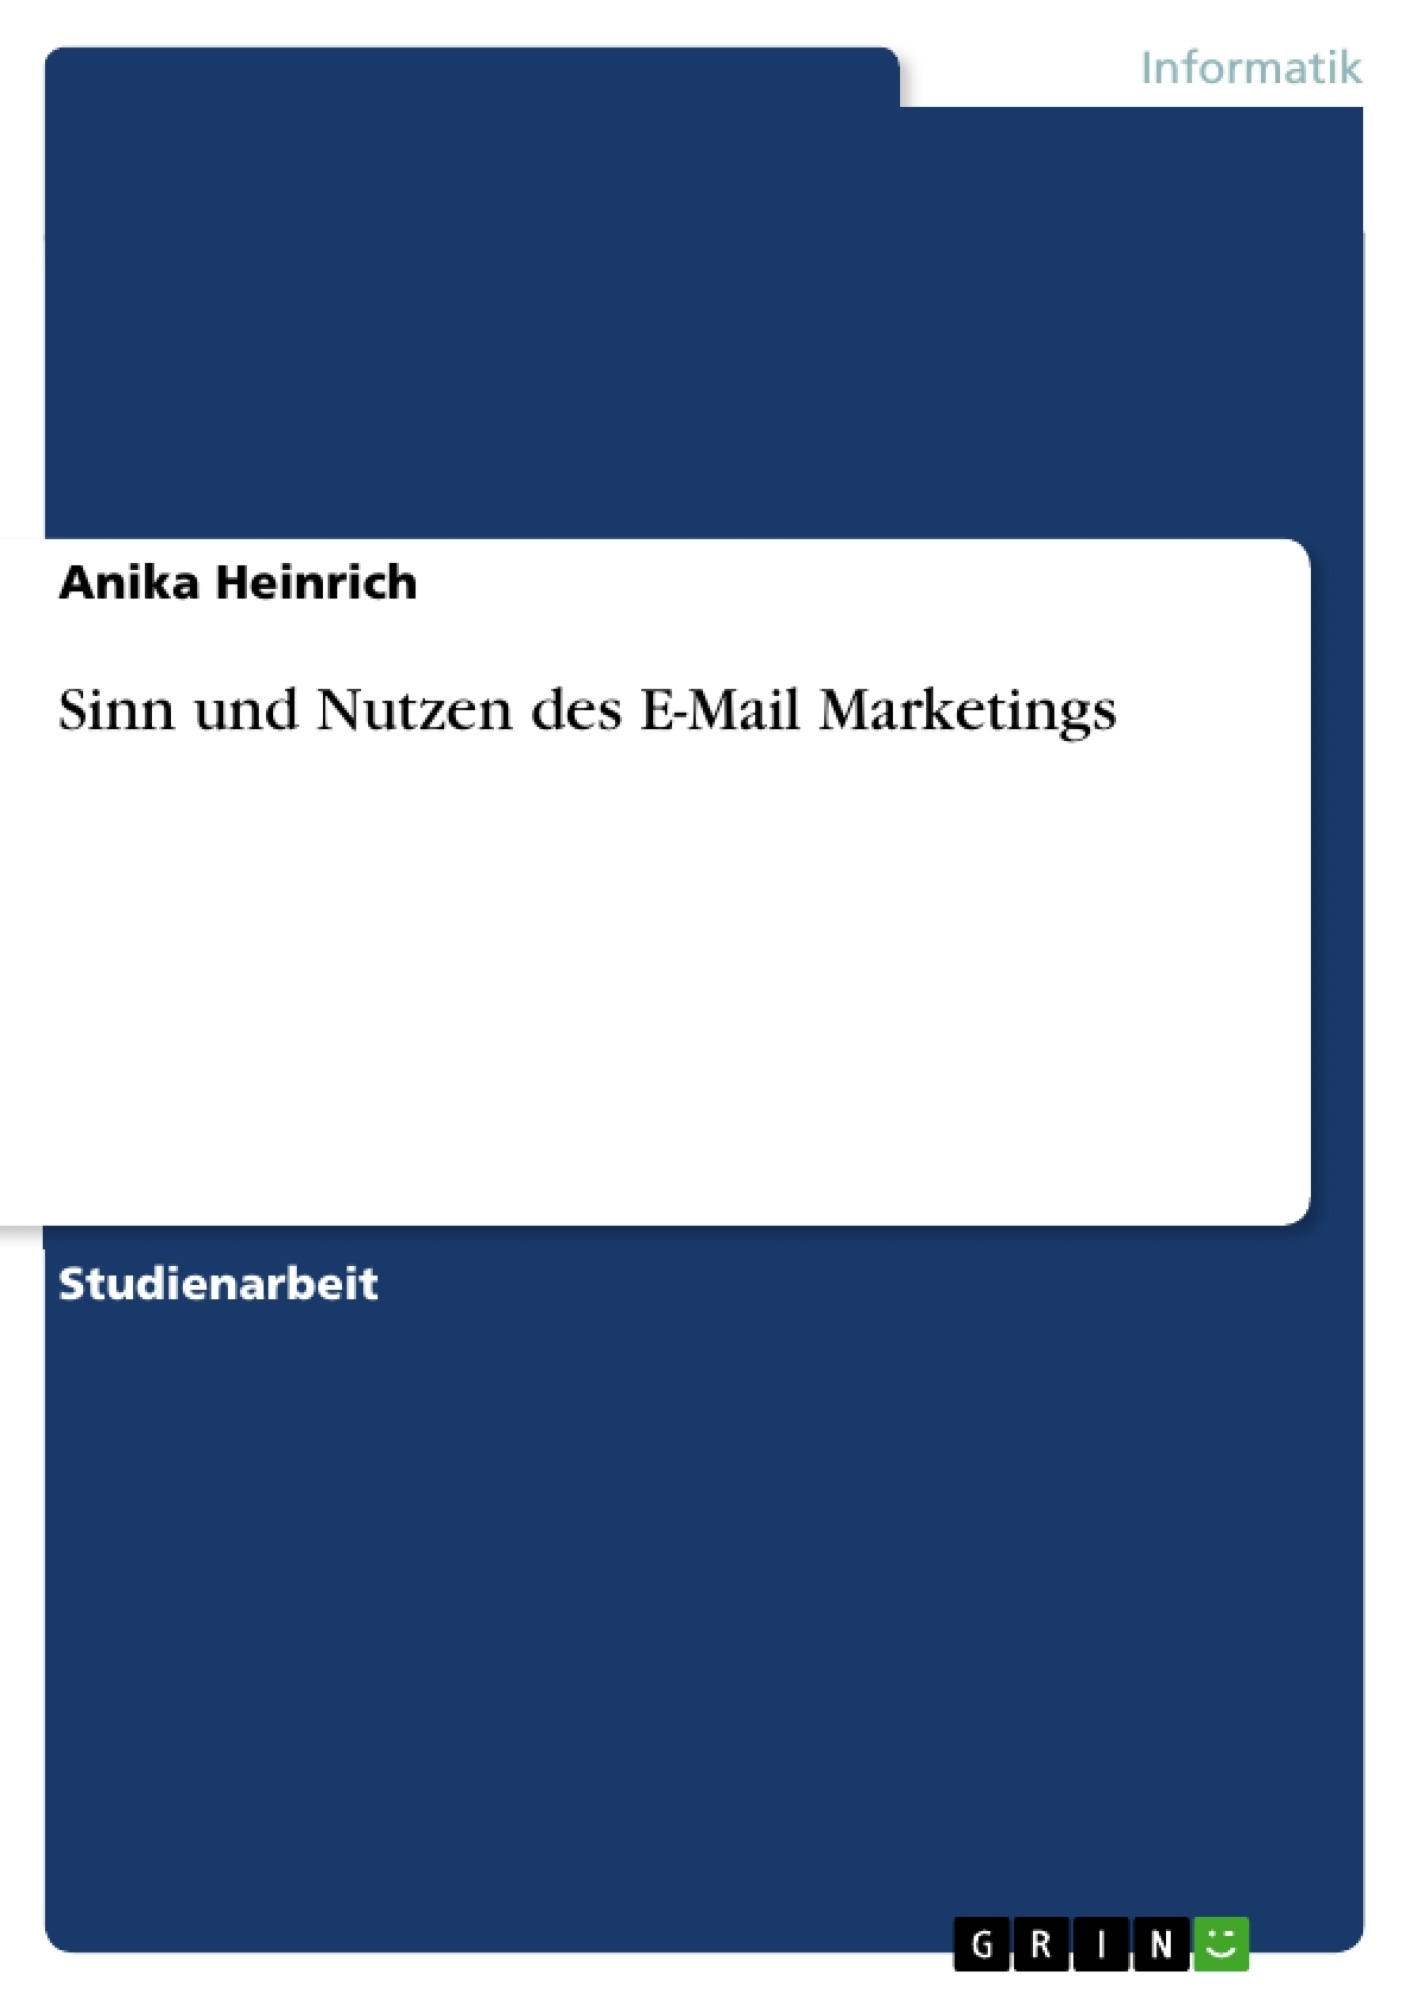 Titel: Sinn und Nutzen des E-Mail Marketings